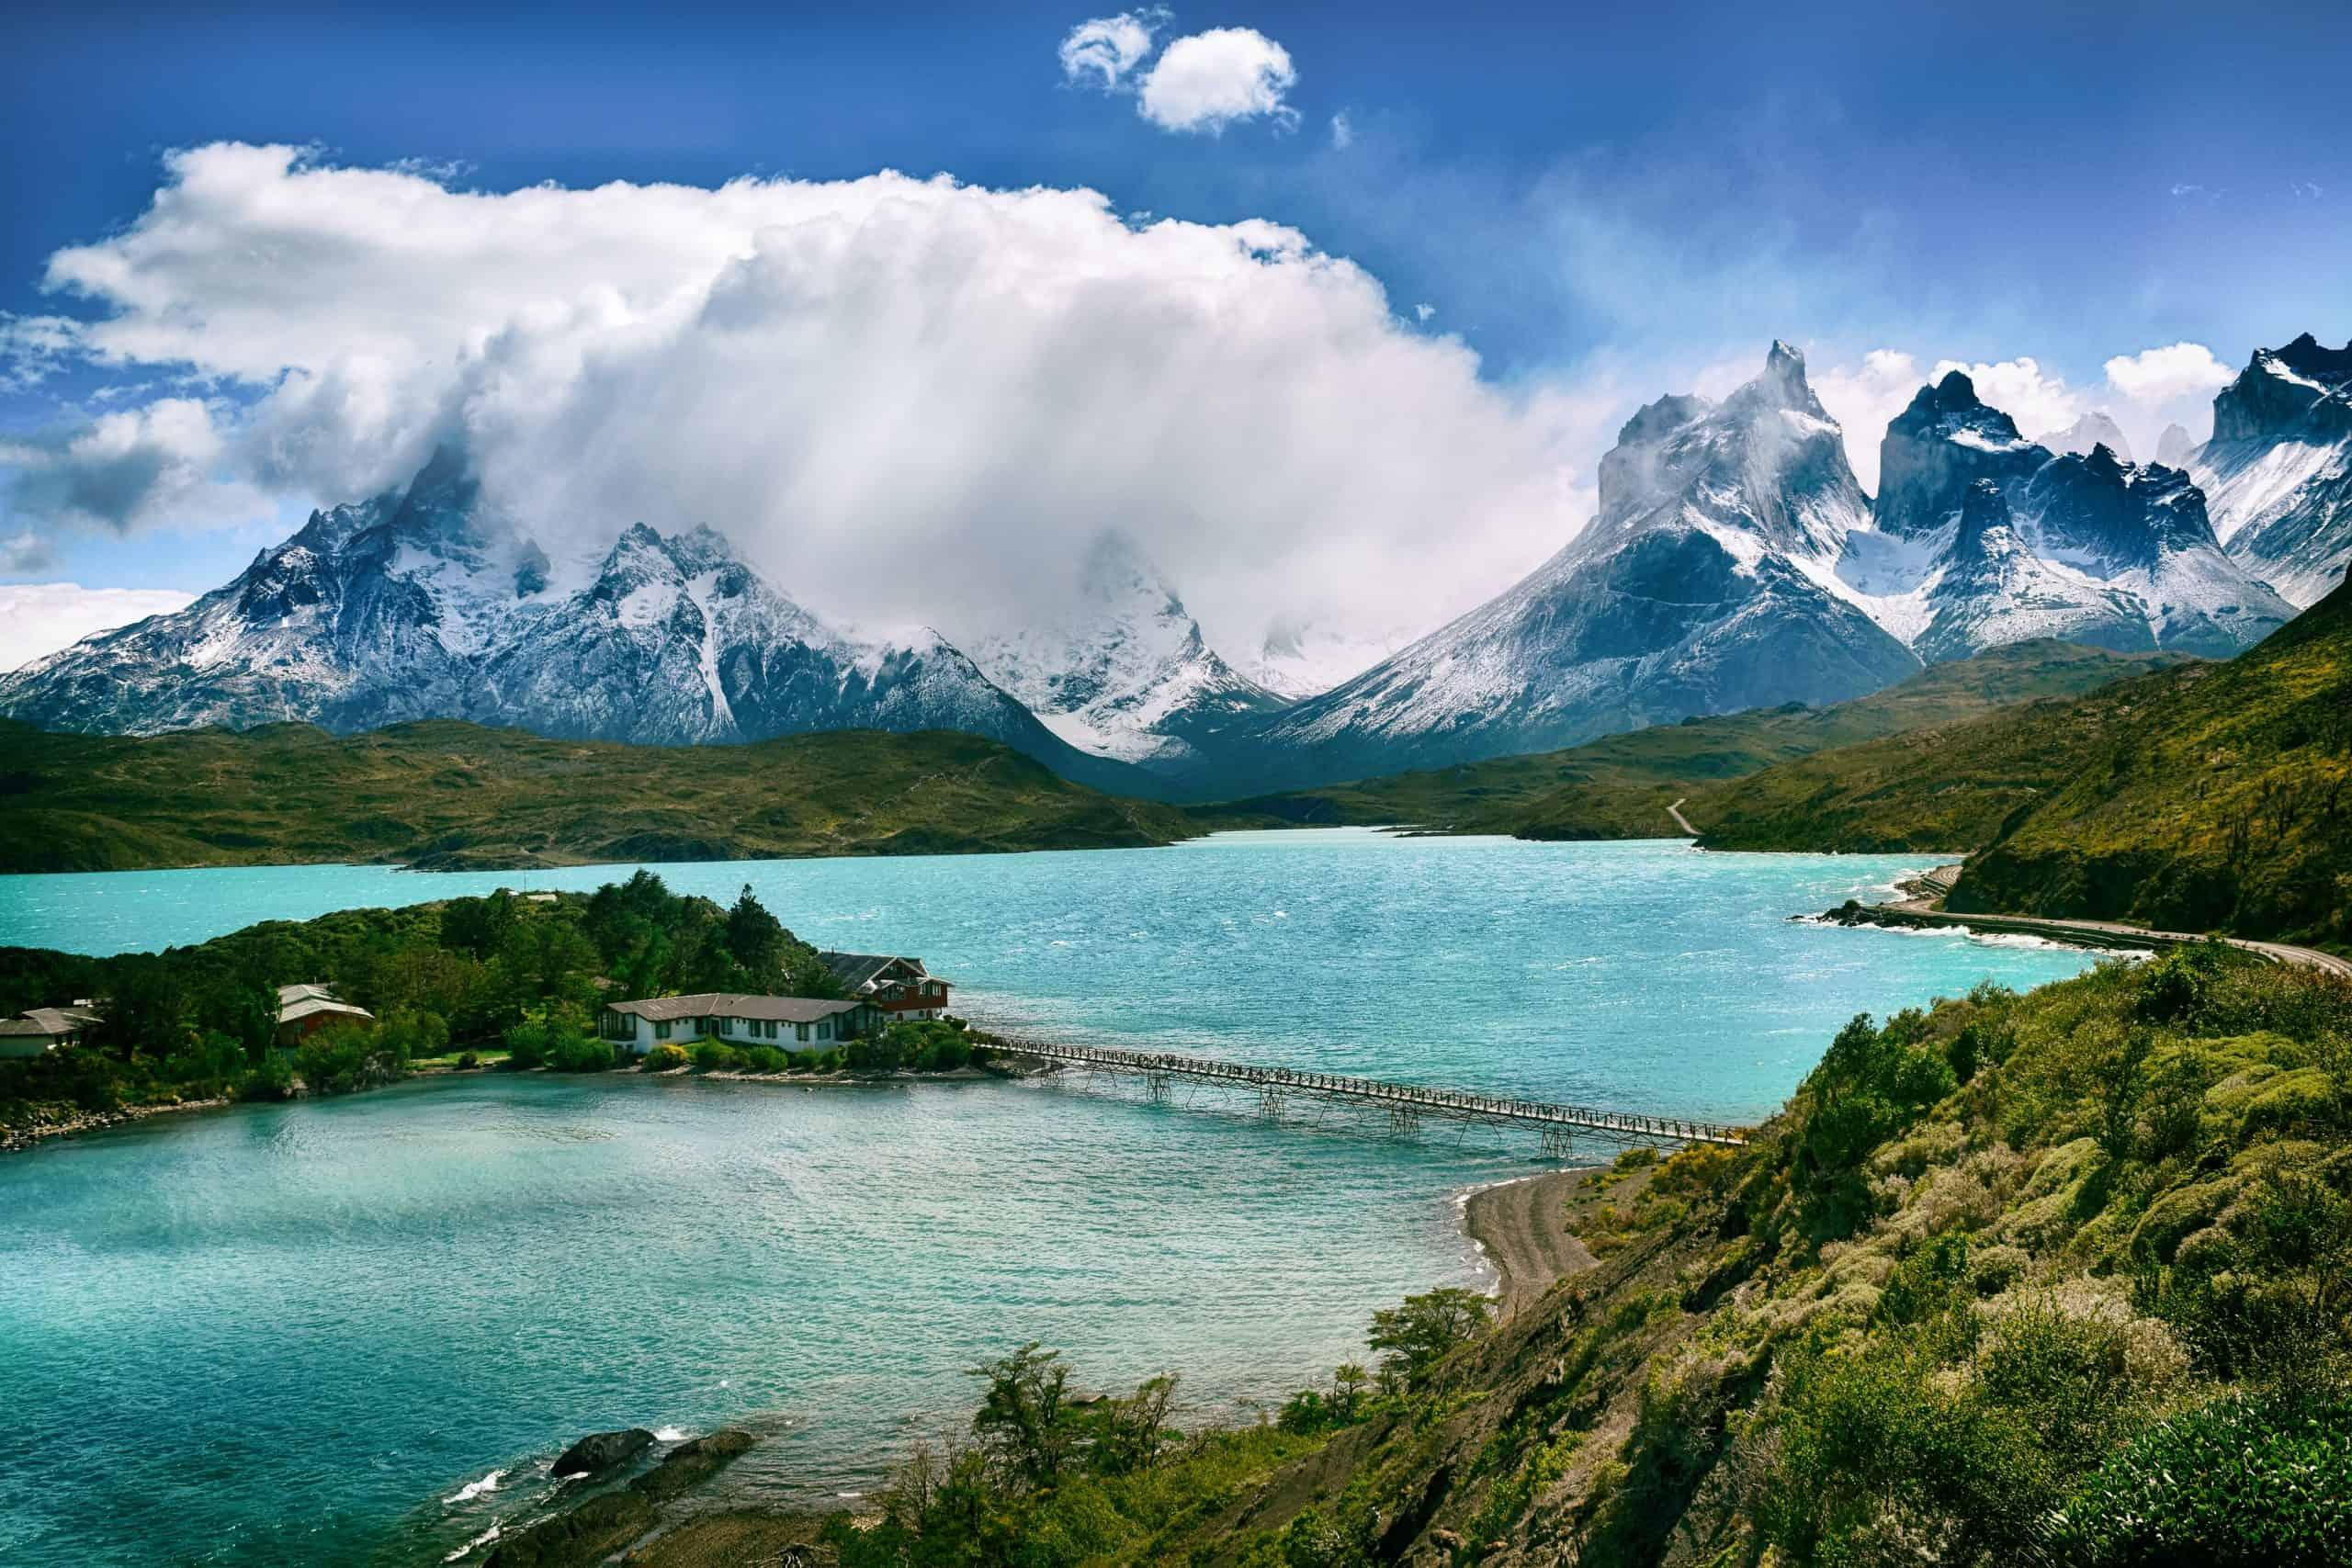 sim card chile, chile prepaid sim card, Chile sim card, Chilean sim card, tourist sim card chile, Chile sim card for tourist